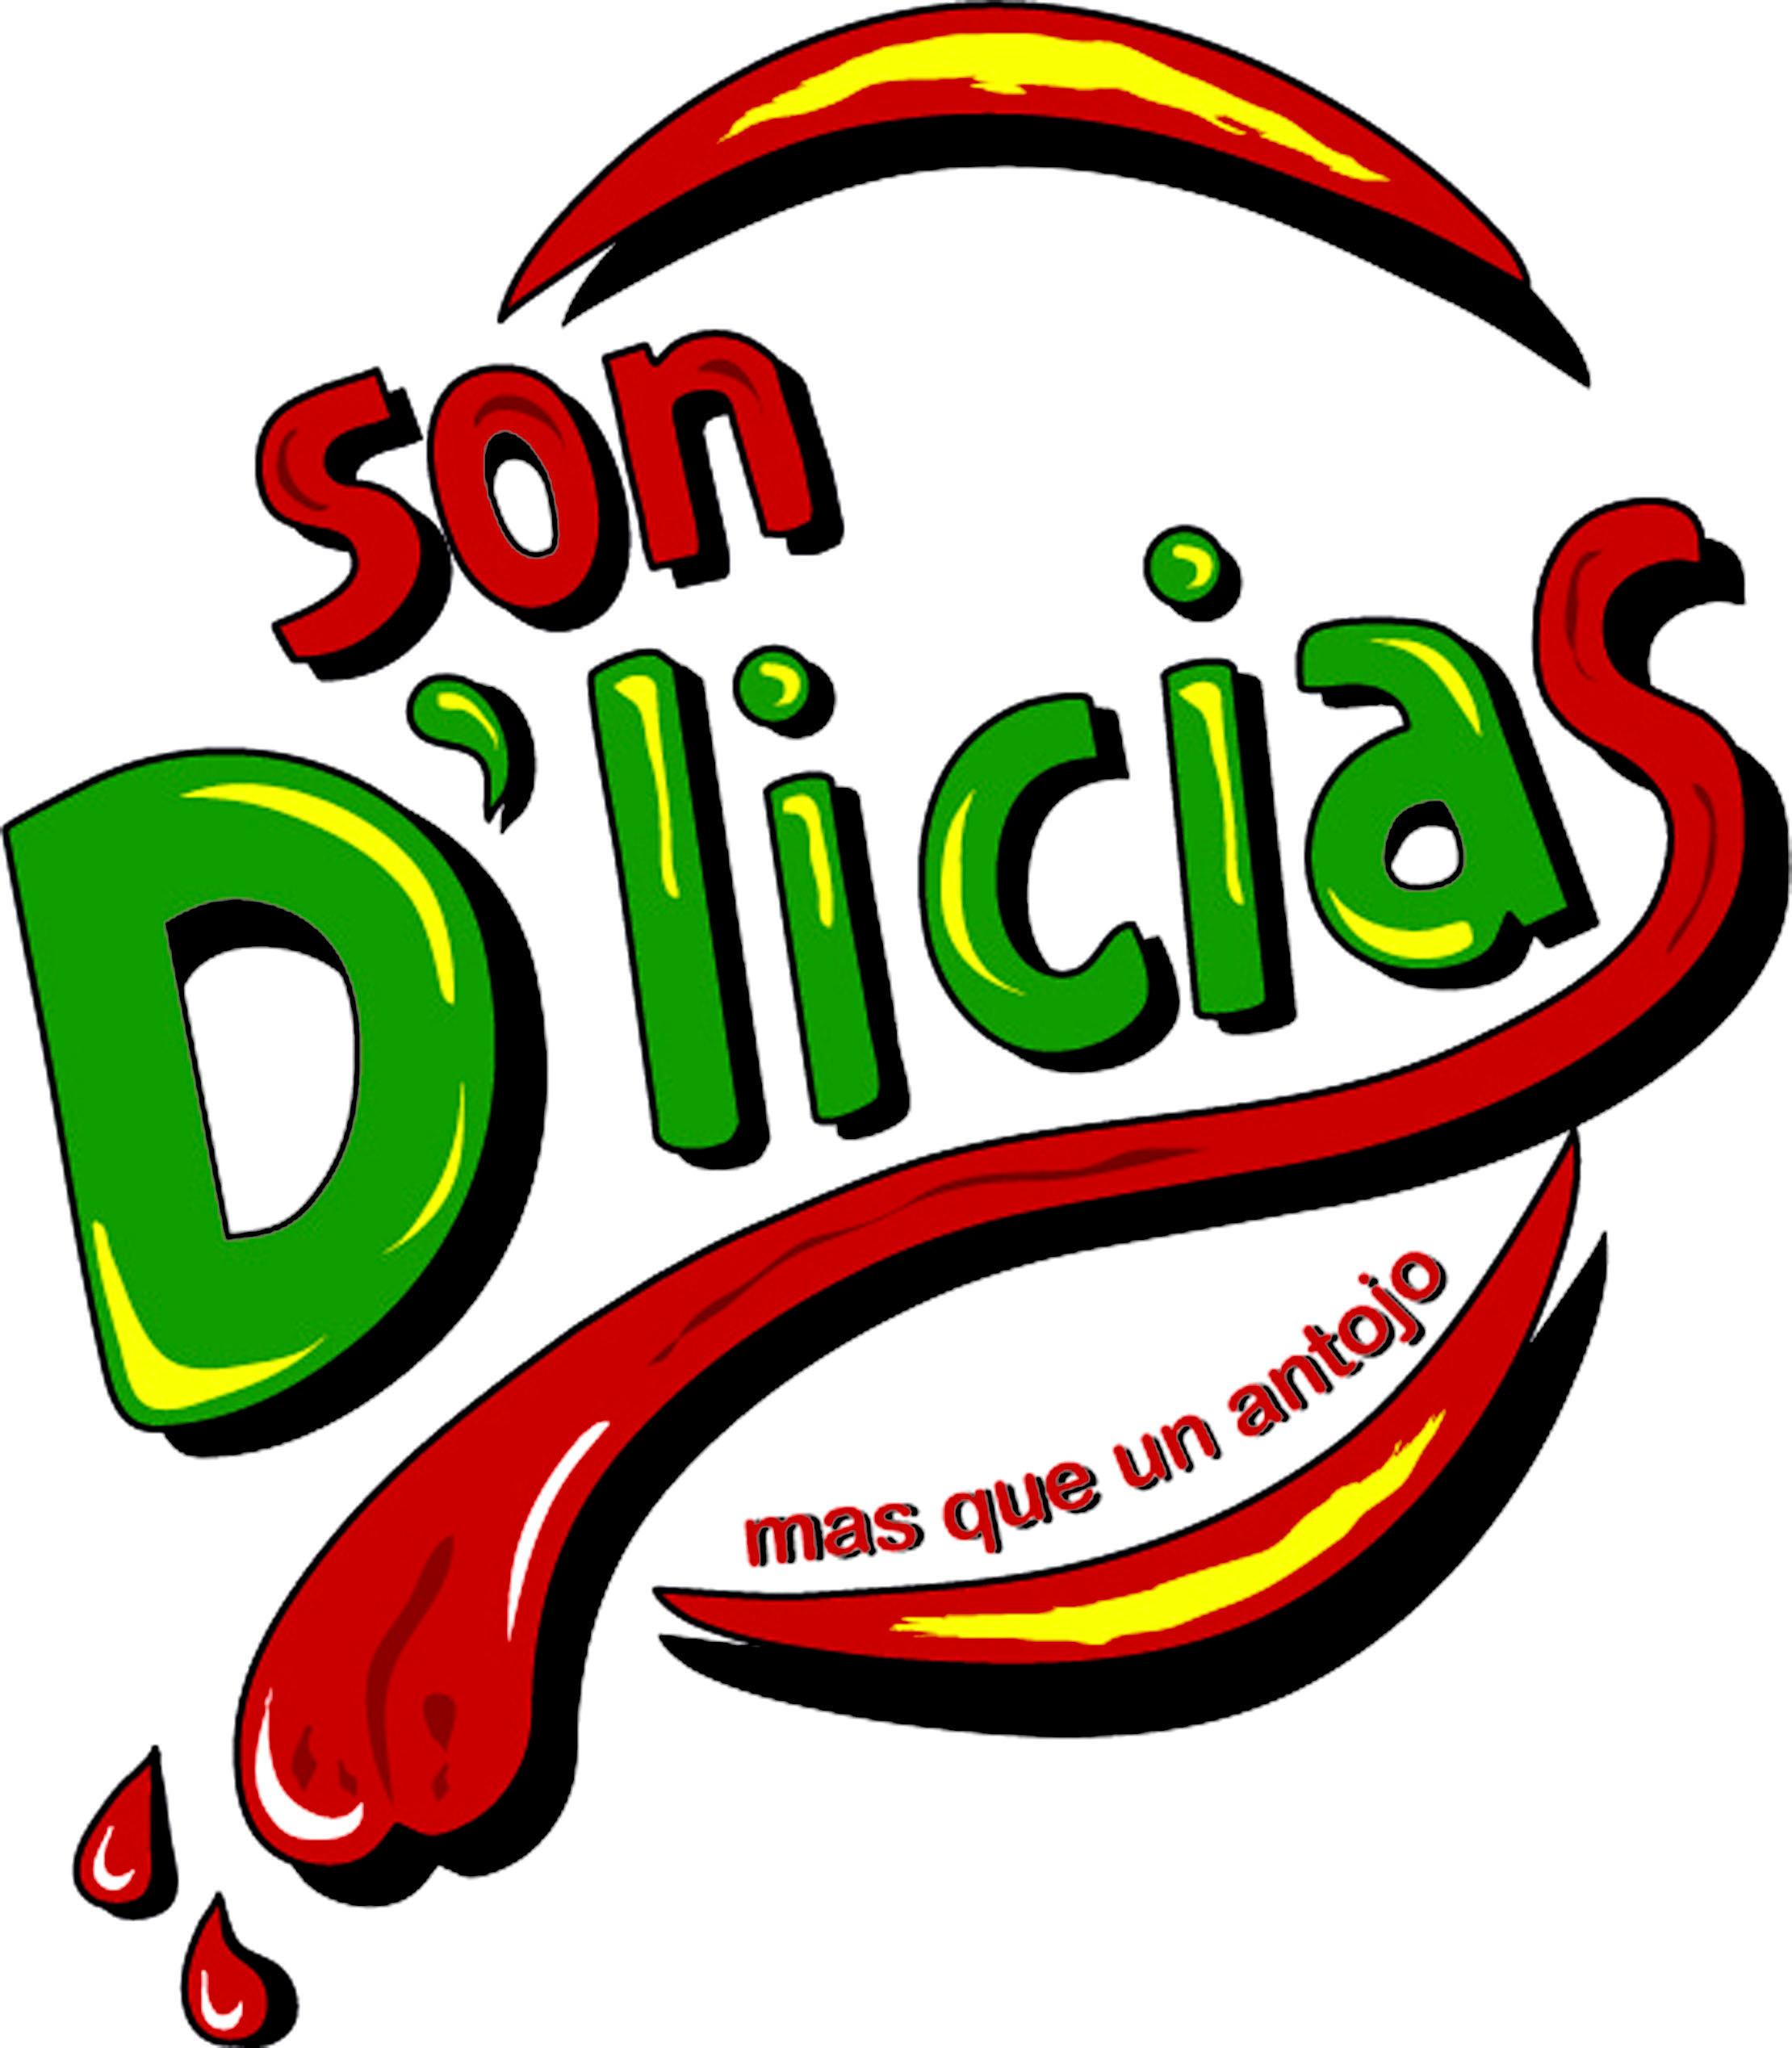 Logo Para Puesto De Comidas Rápidas Logos De Comida Rapida Negocios De Comida Rápida Negocios De Comida